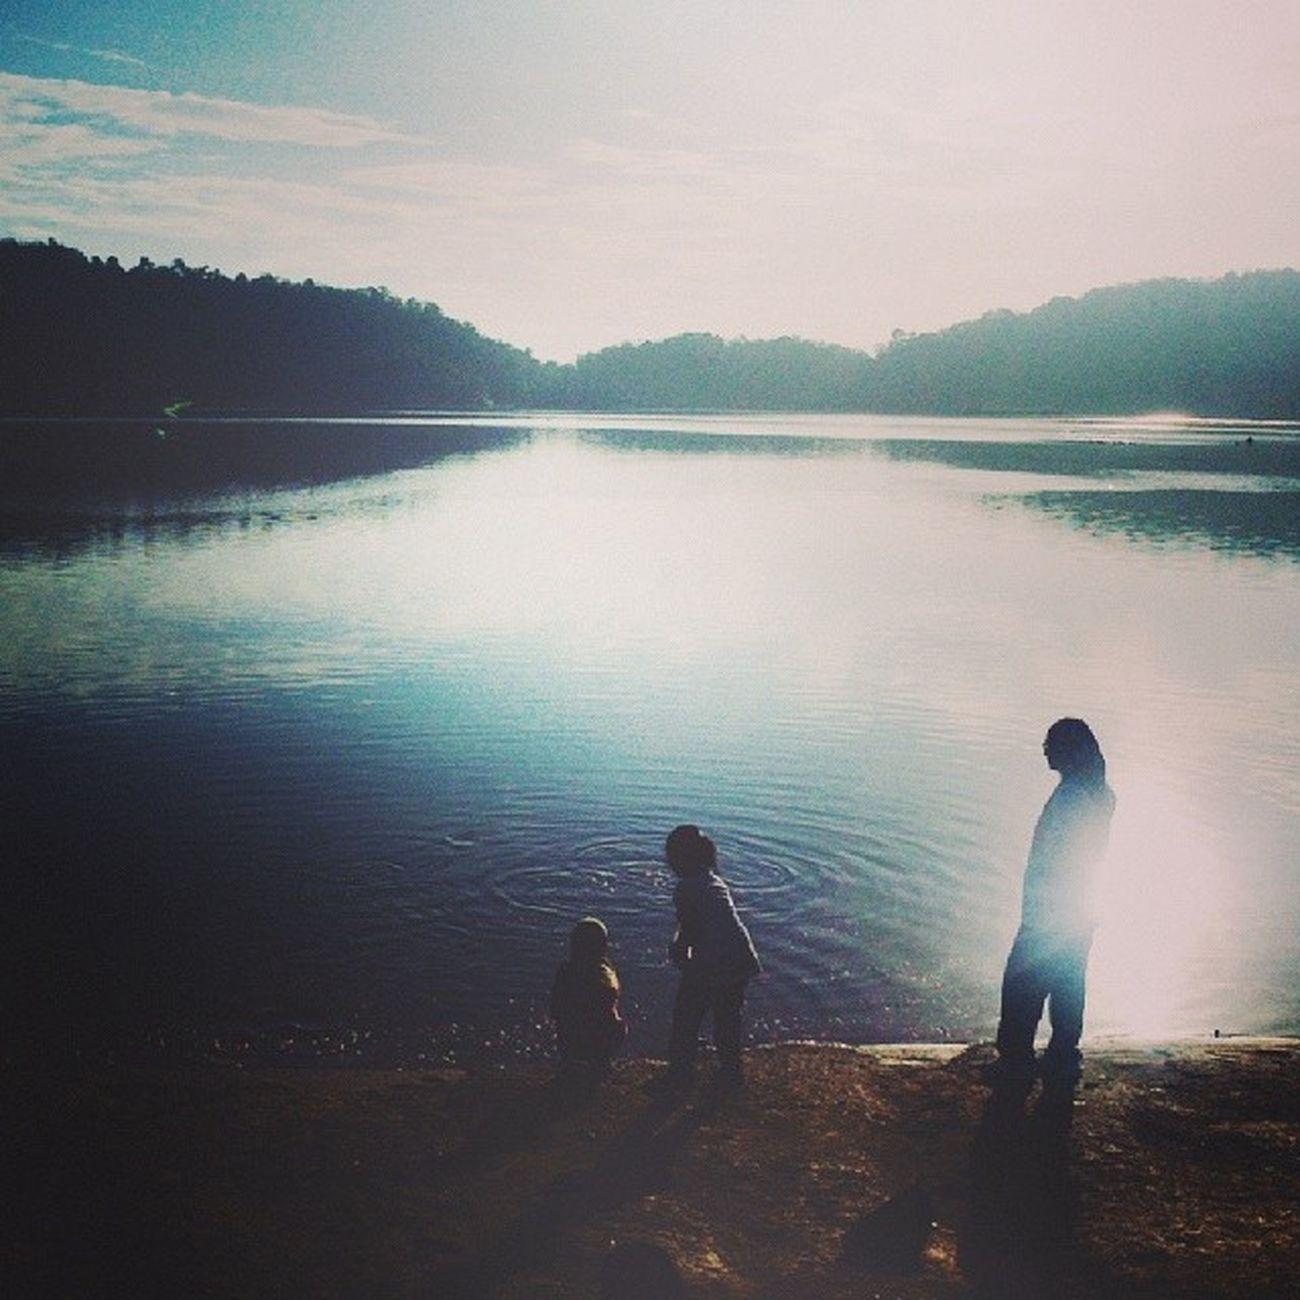 Lake Vscocam